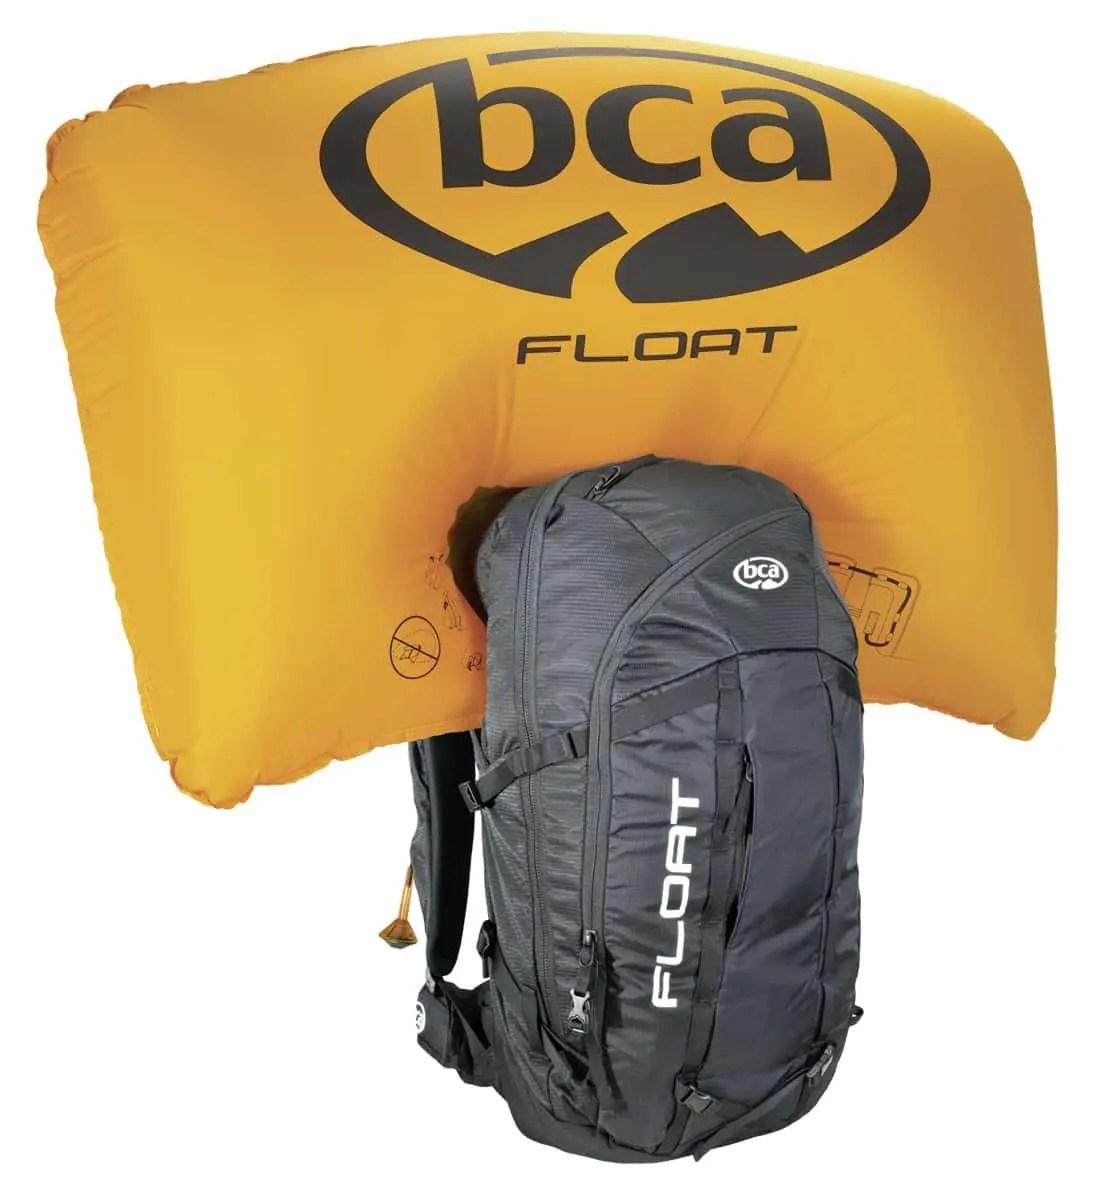 BCA_F16_Float42 black_right_deployed_HR